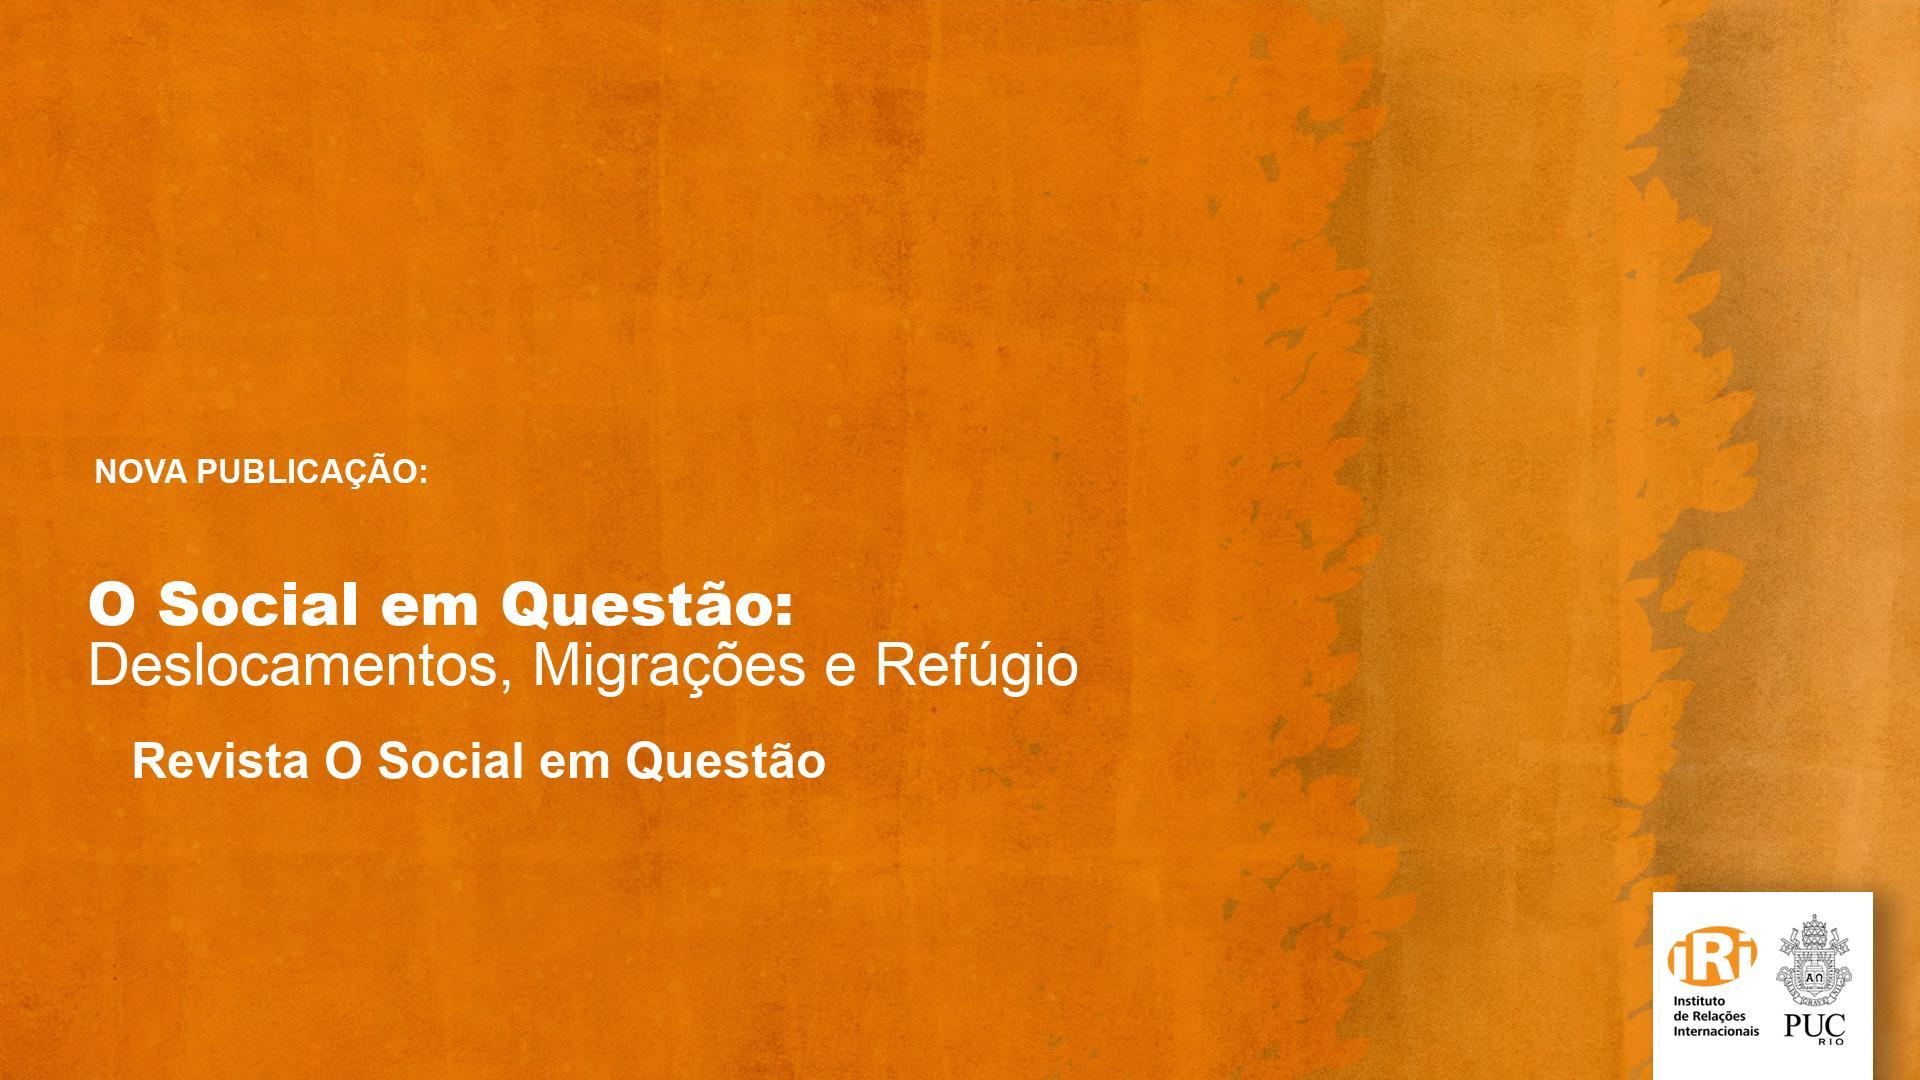 O Social em Questão: Deslocamentos, Migrações e Refúgio